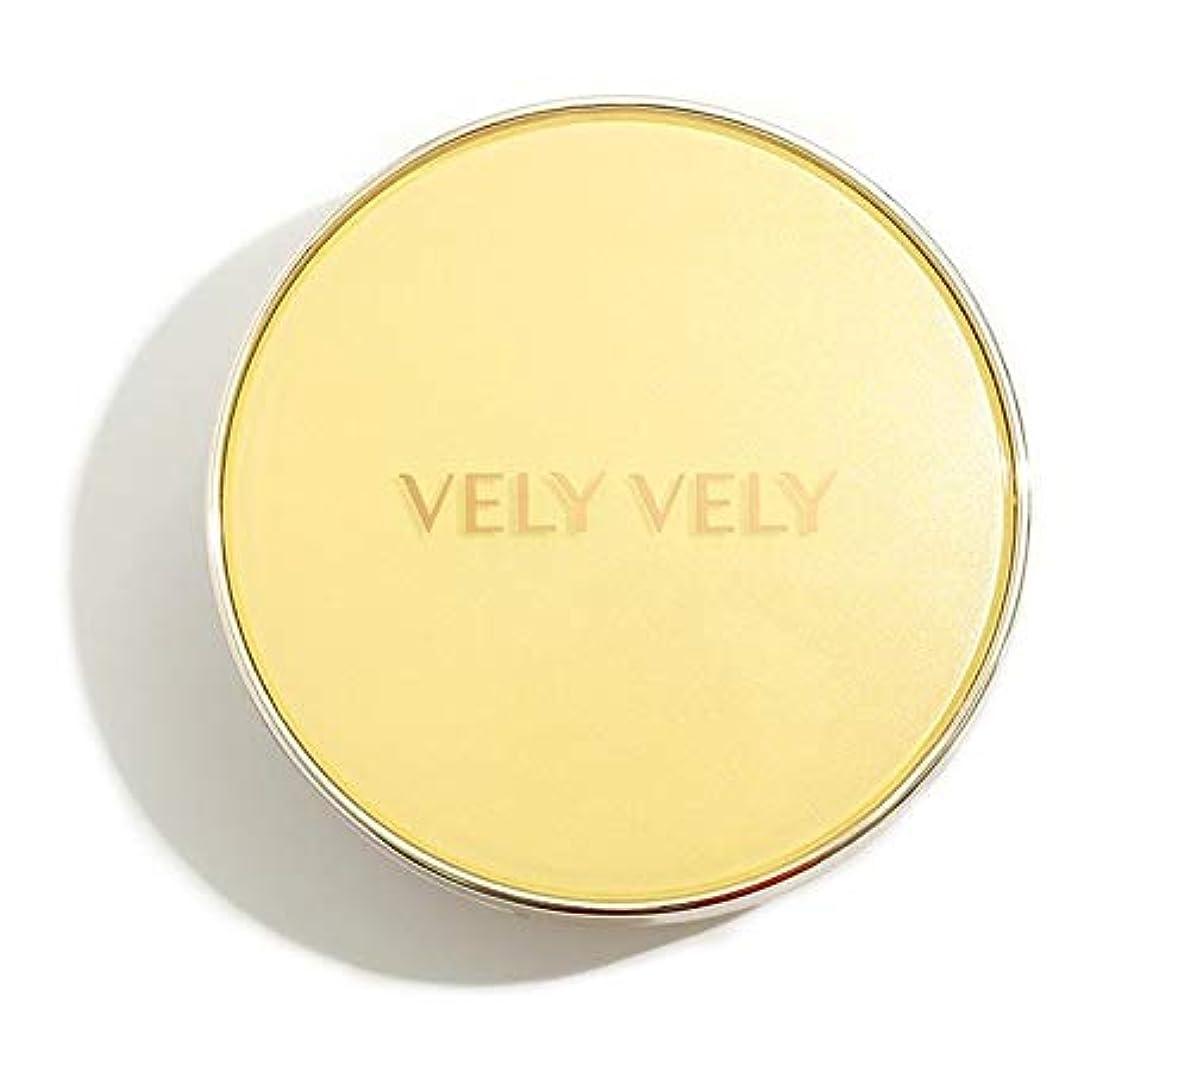 予約親密な追い越すVELY VELY Aura Honey Glow Cushion/ブリーブリーアウラハニーグロークッション[単品 15g+リフィル15g] (13号 フェア[本品+リフィル]) [並行輸入品]